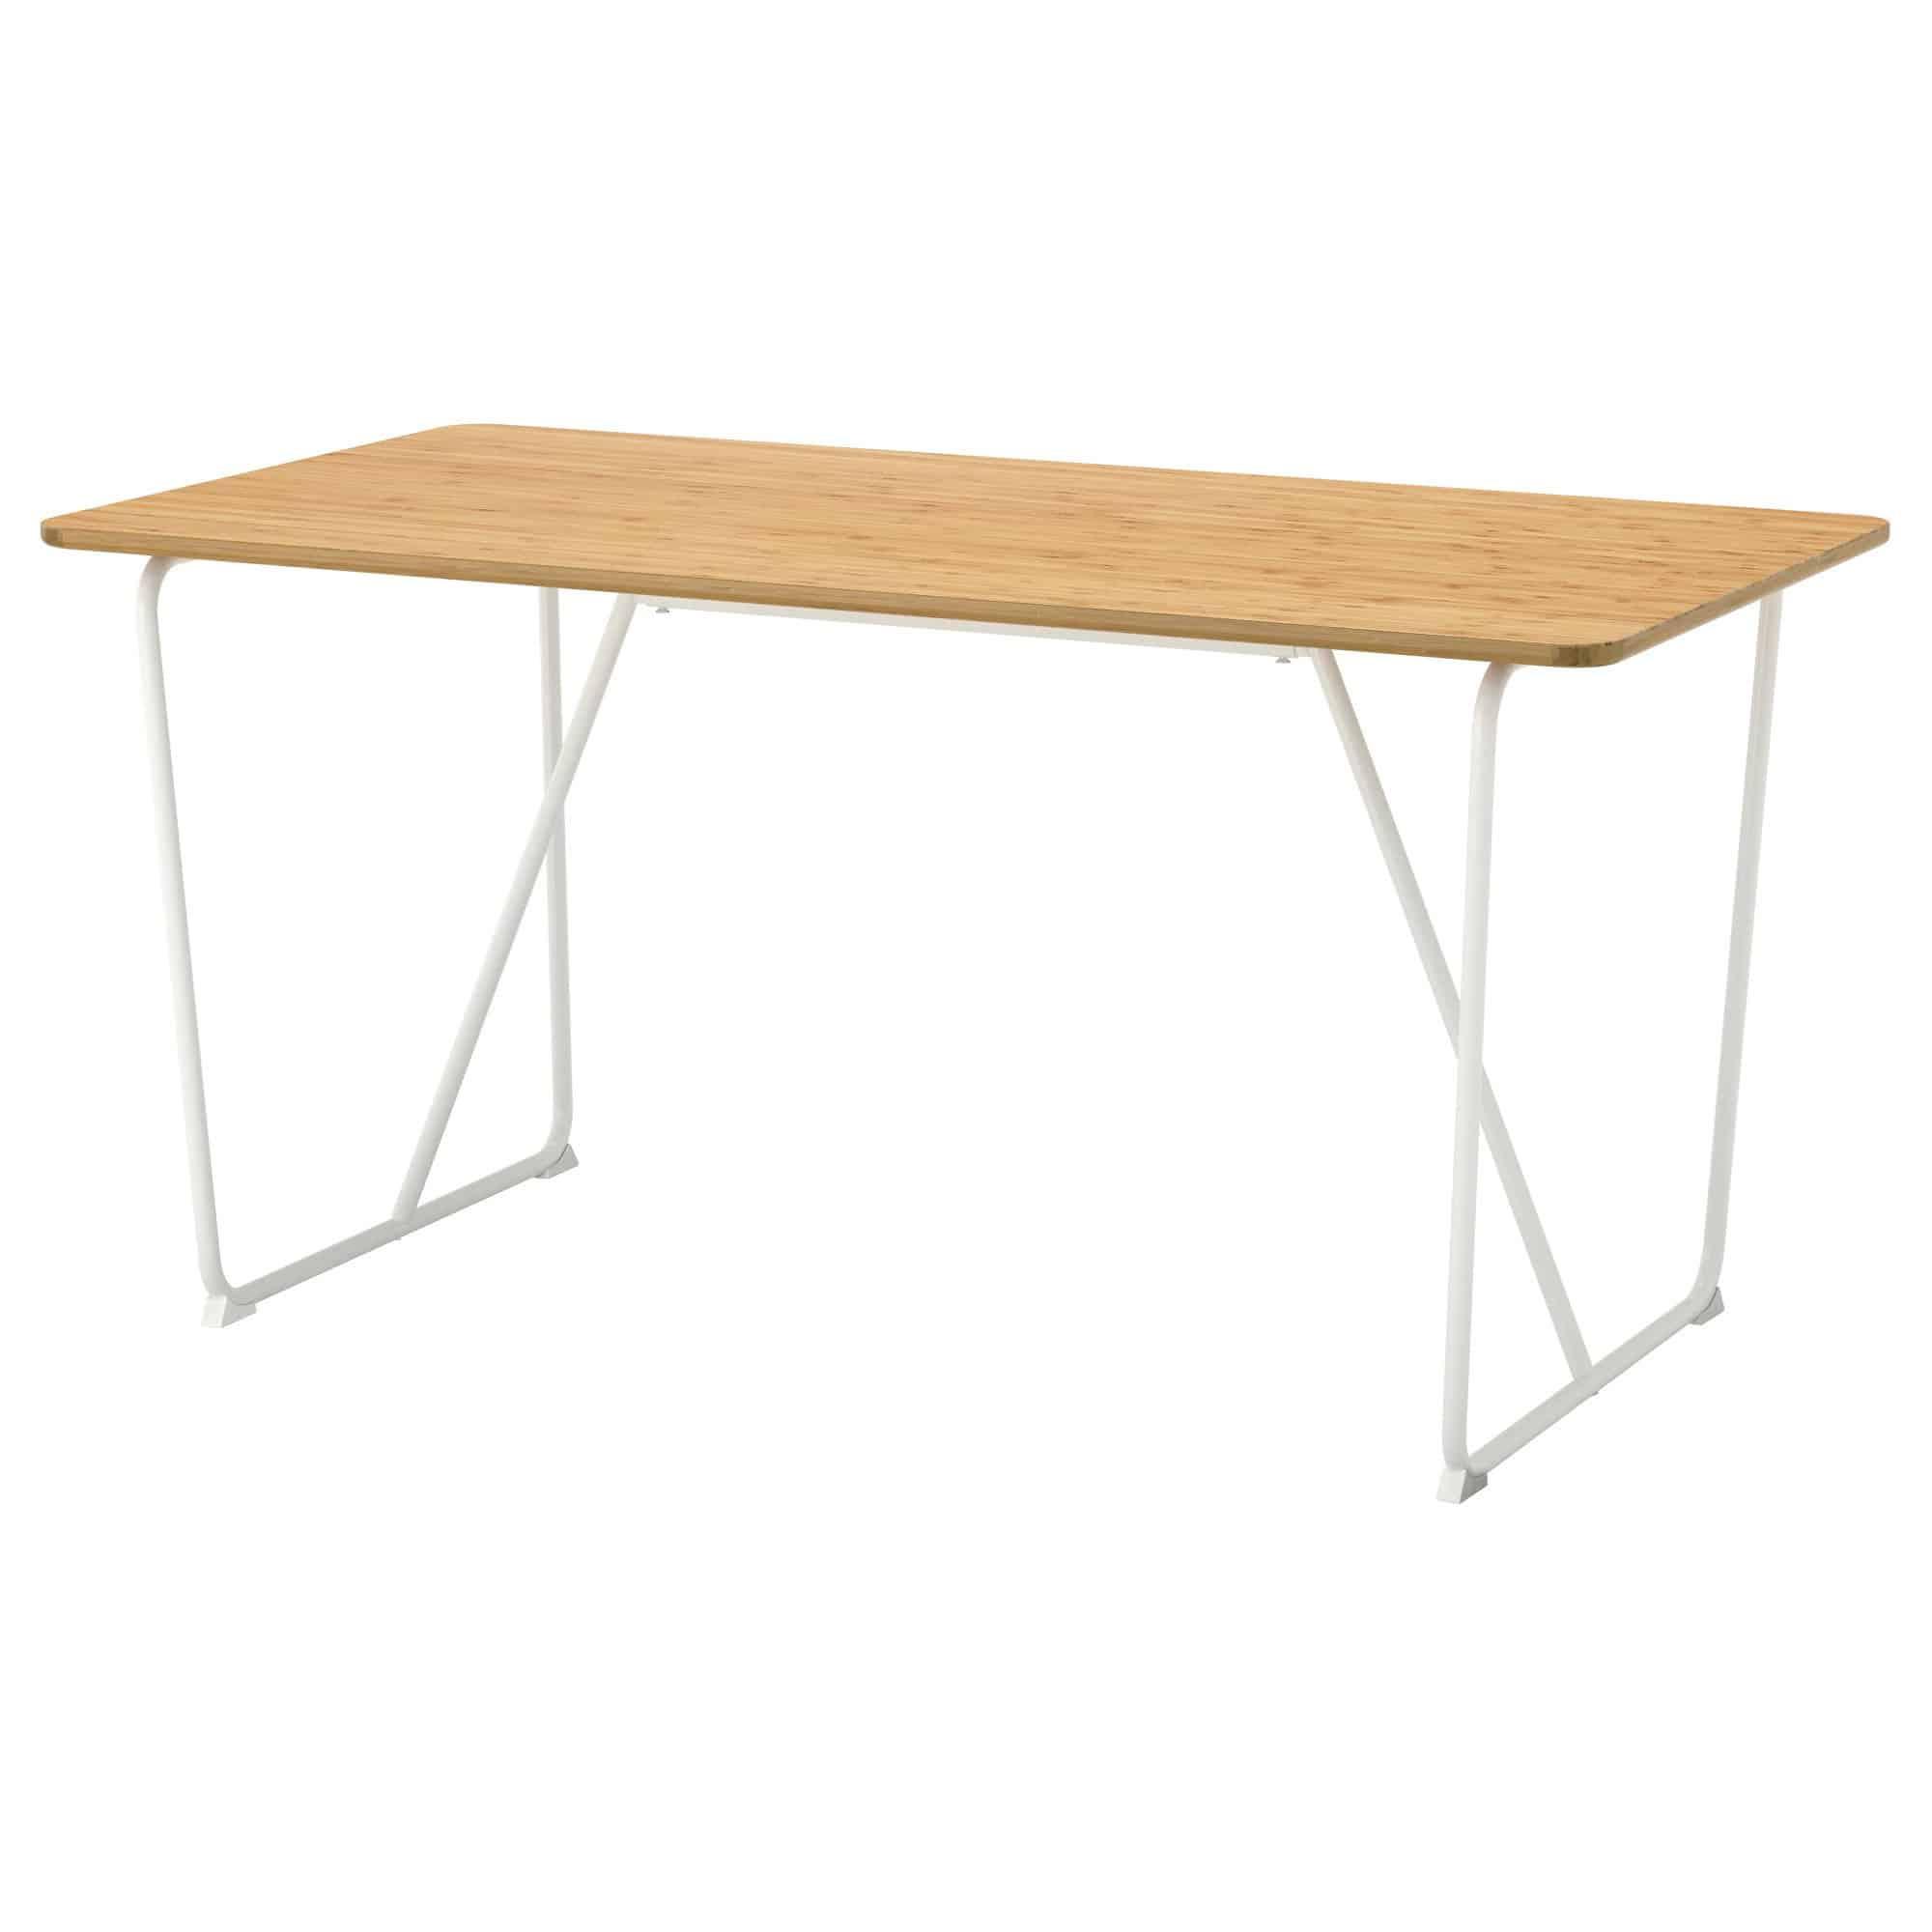 övraryd bamboe tafel wit van Ikea